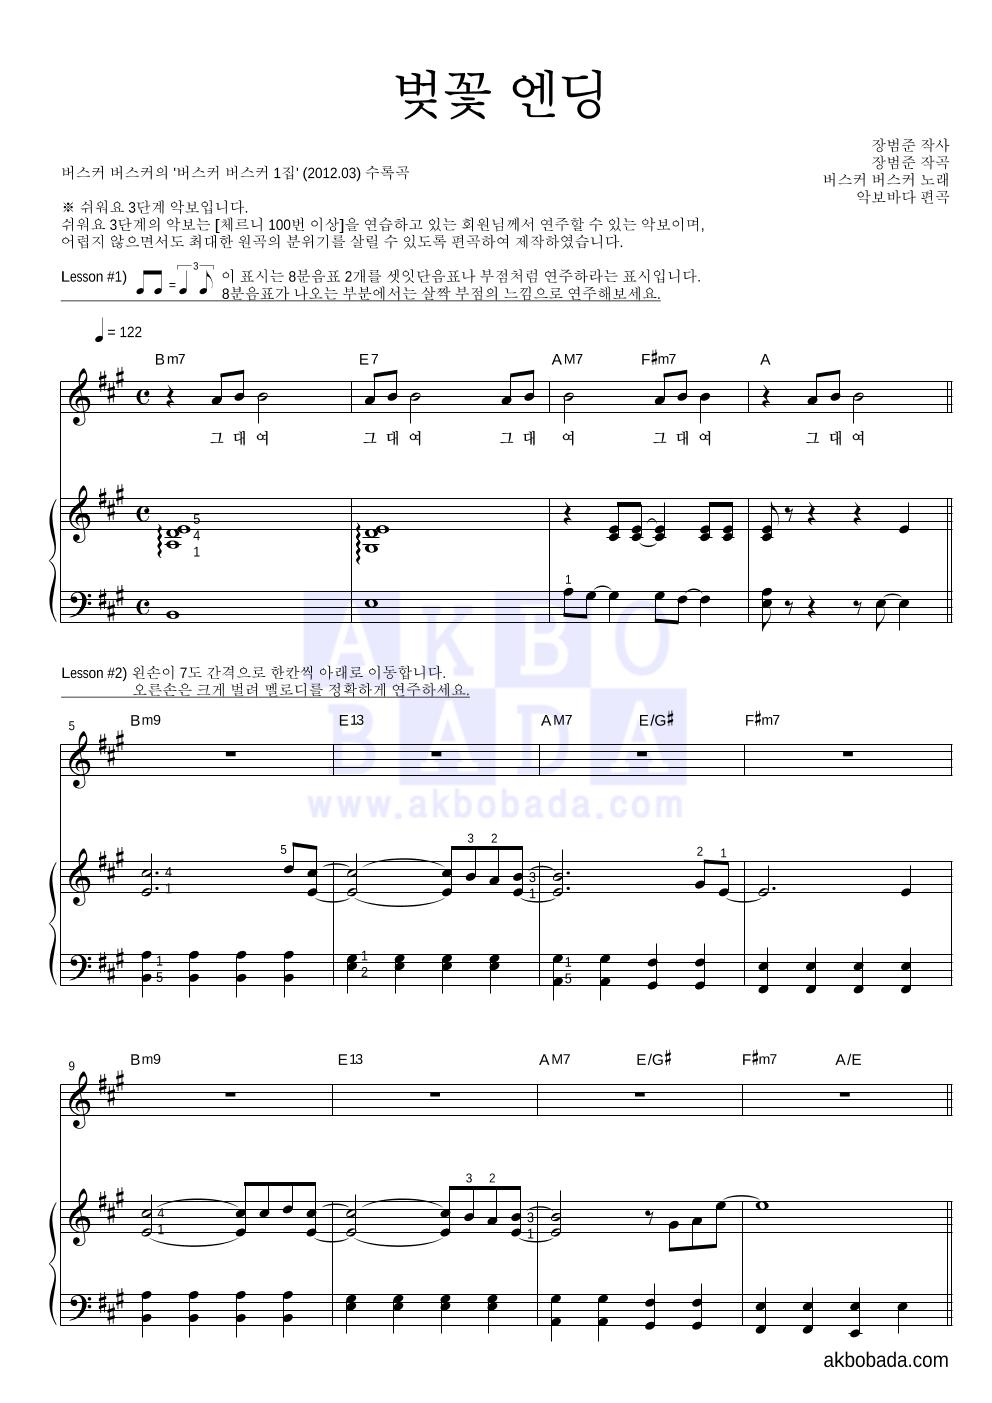 버스커 버스커 - 벚꽃 엔딩 피아노3단-쉬워요 악보